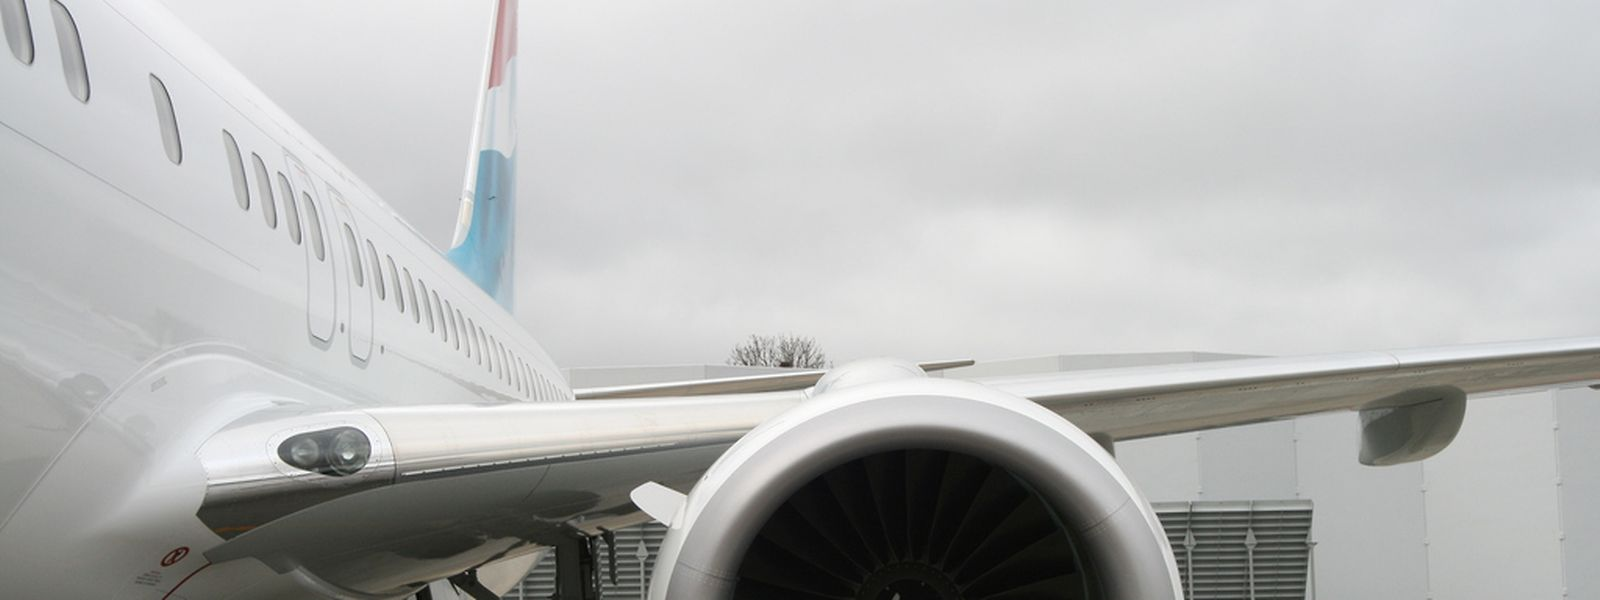 Die 737-800 soll am 25. Februar in Seattle abheben und nach einem Zwischenstopp in Halifax, Kanada, weiter nach Luxemburg fliegen.